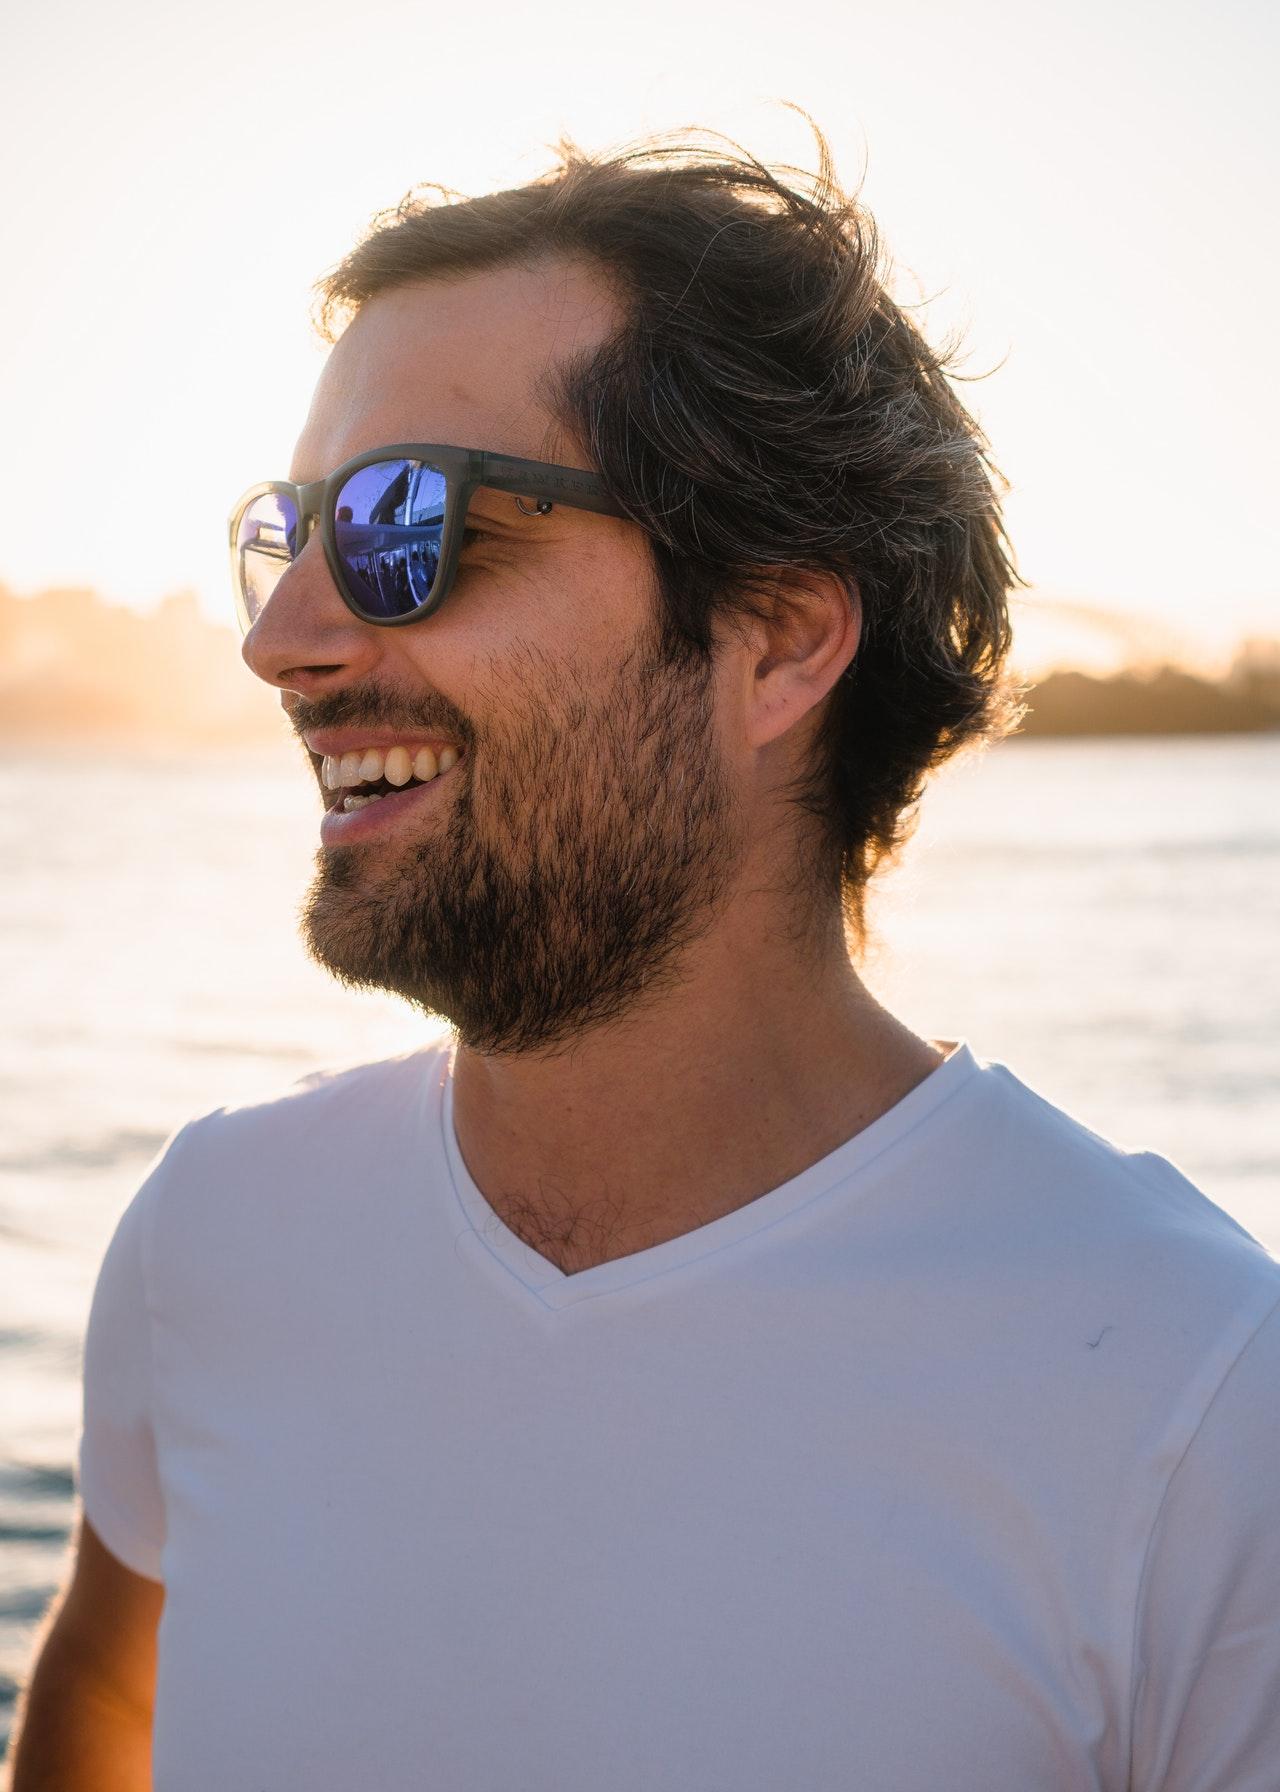 short trimmed beard